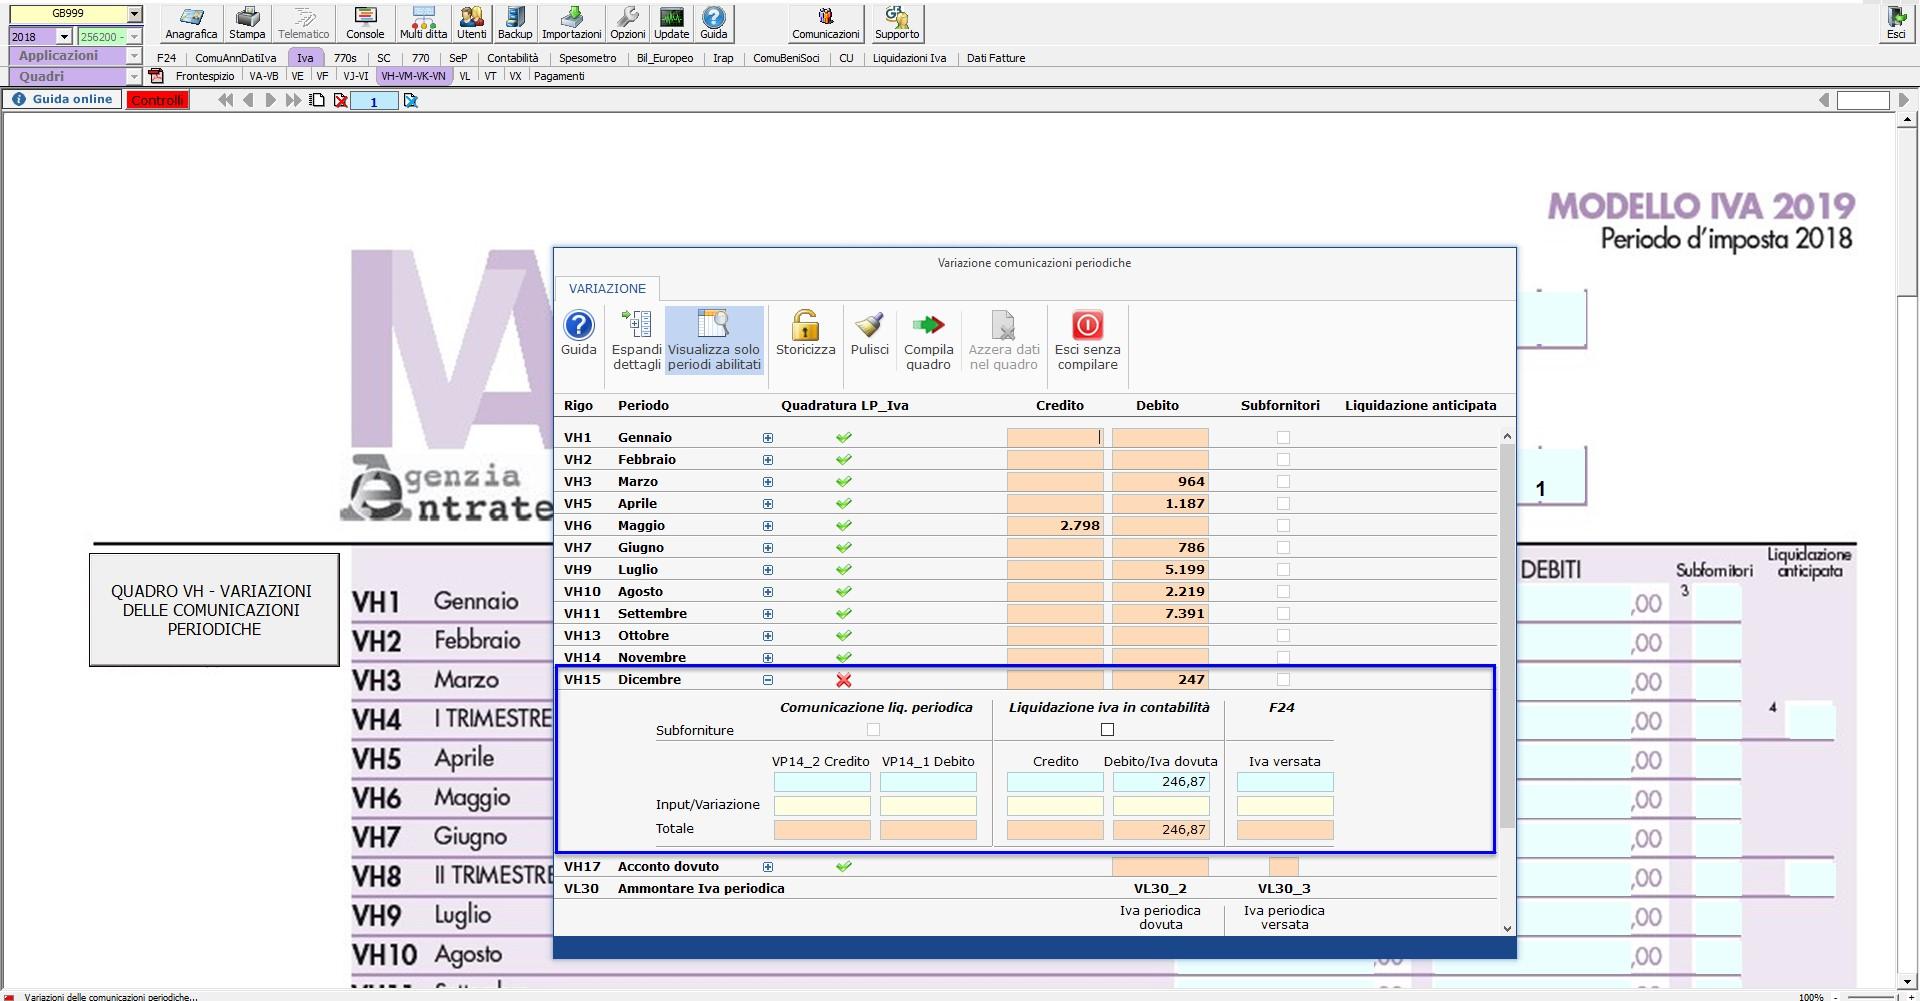 Caso pratico: Comunicazione Liquidazioni Periodiche oltre il termine di presentazione della Dichiarazione IVA - 2